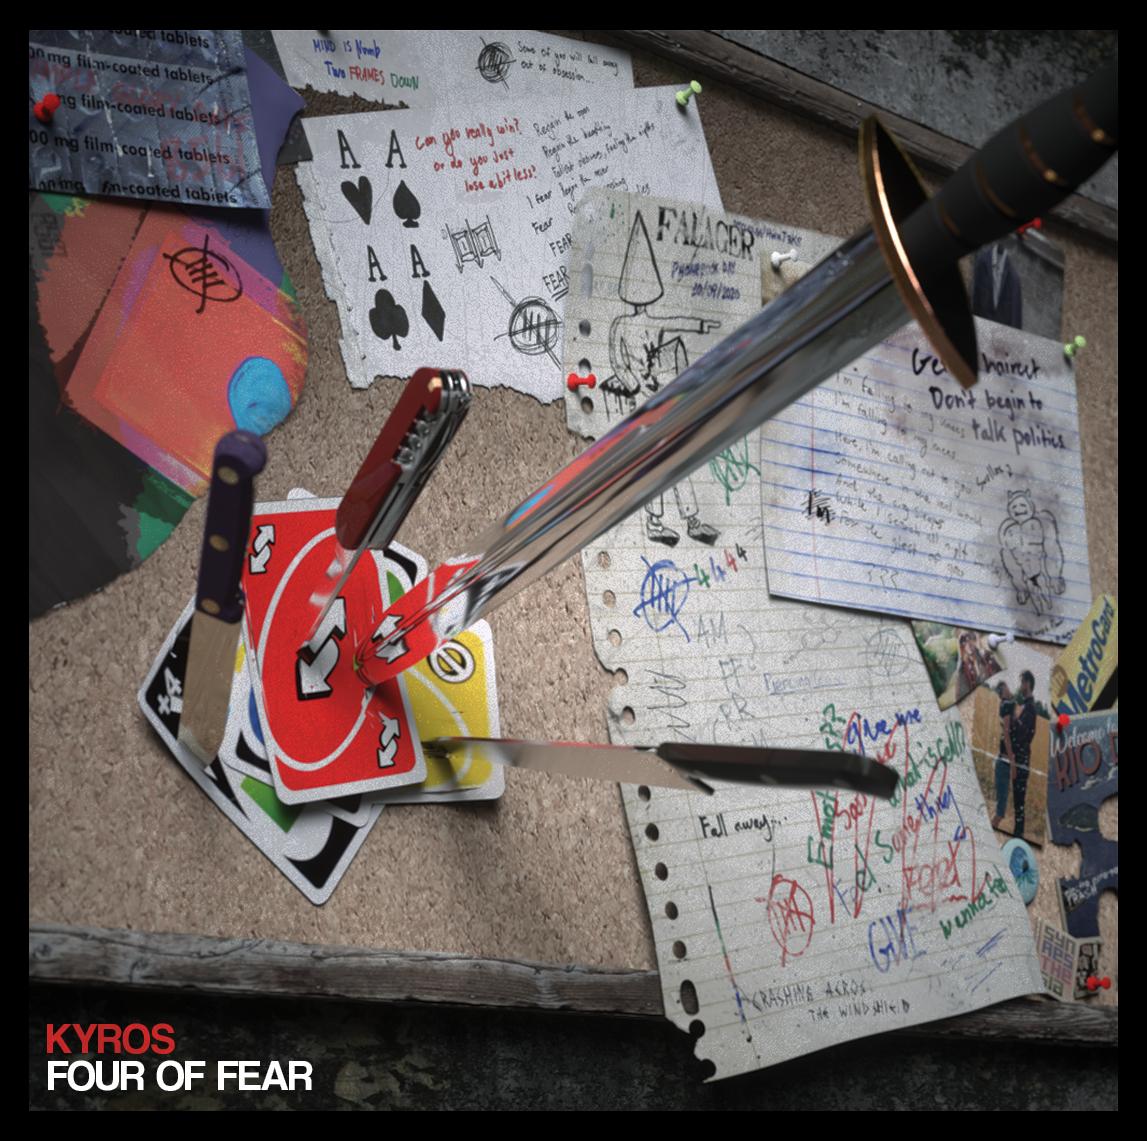 Kyros - Four of Fear